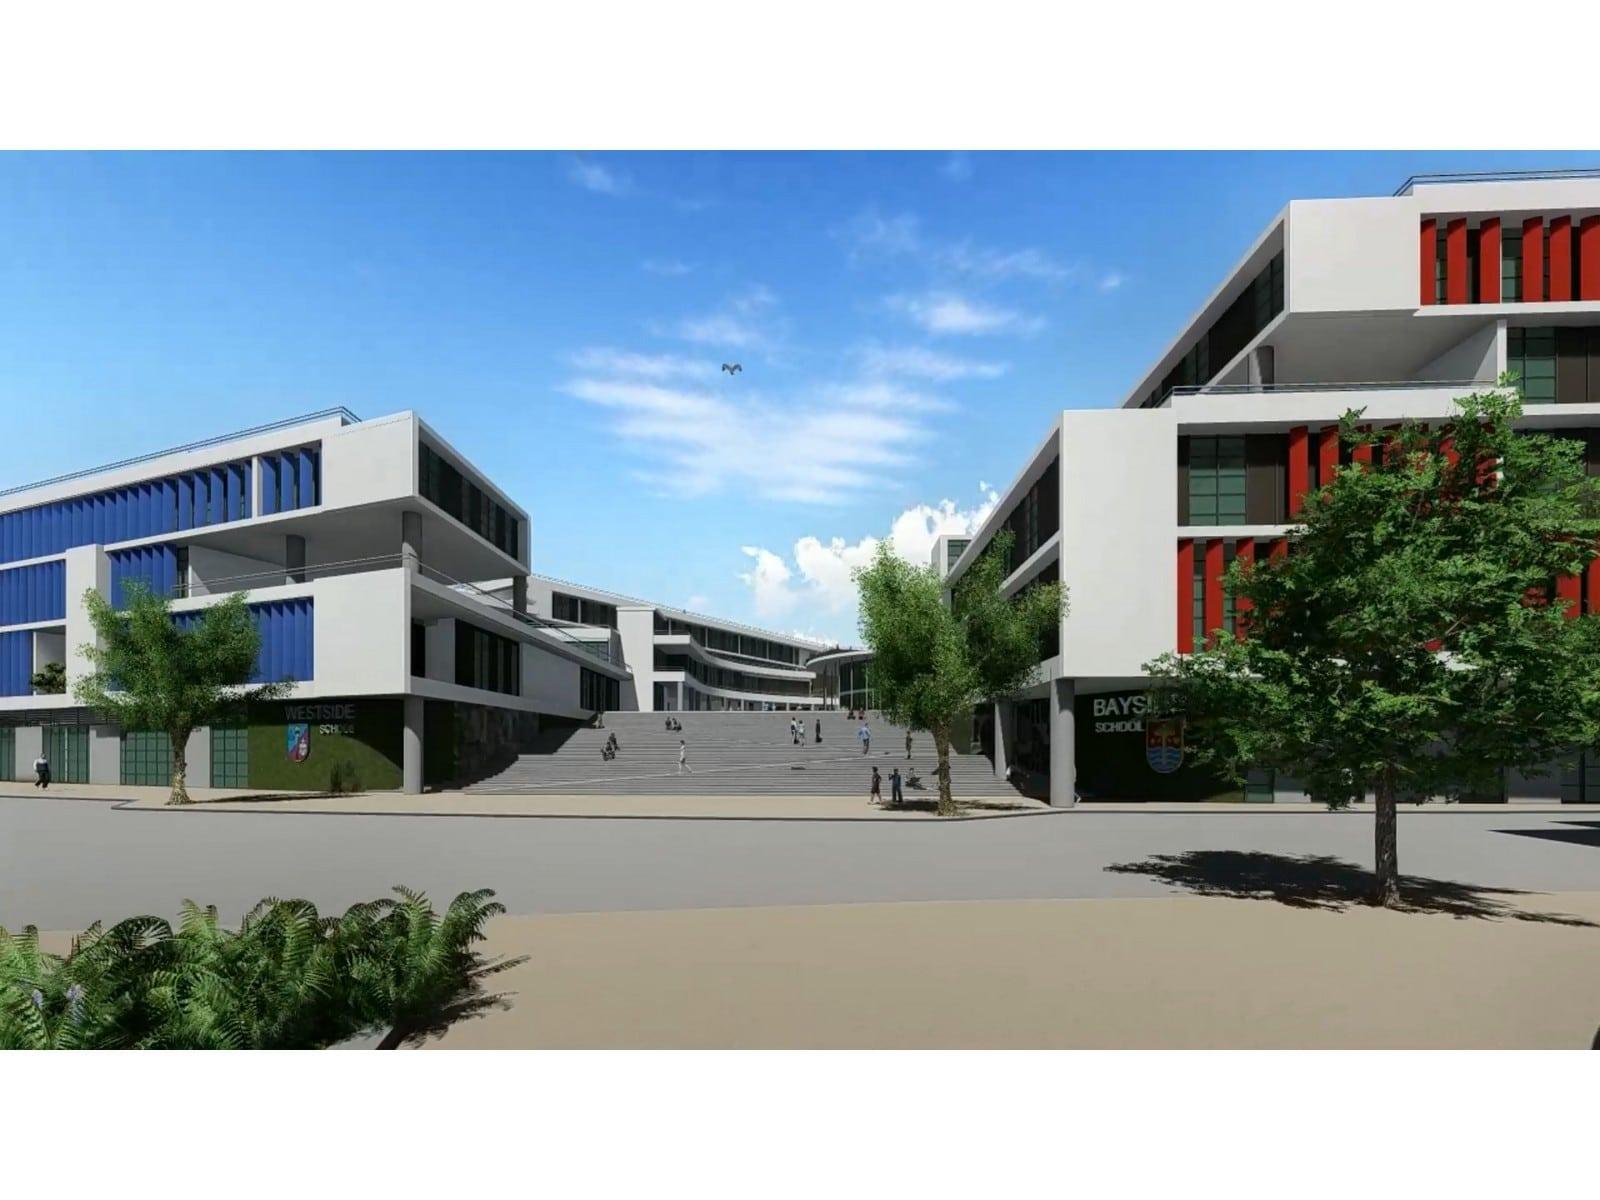 proyecto-de-construccin-de-las-dos-nuevas-escuelas-de-bayside-y-westside-en-waterport-gibraltar_27712734728_o